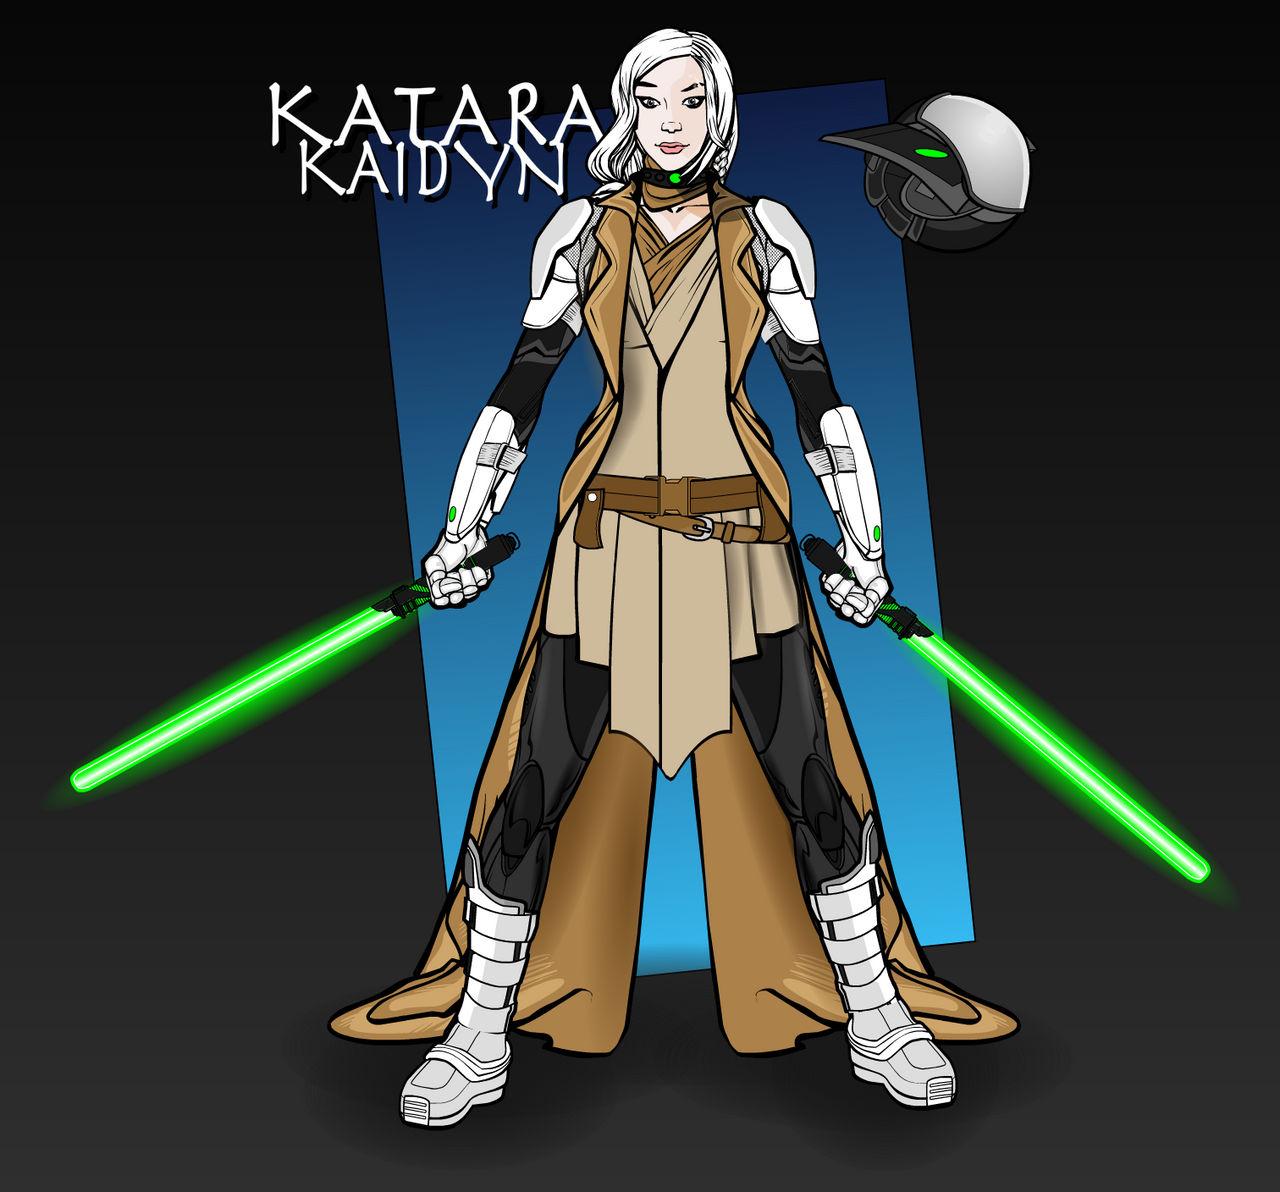 Katara Kaidyn